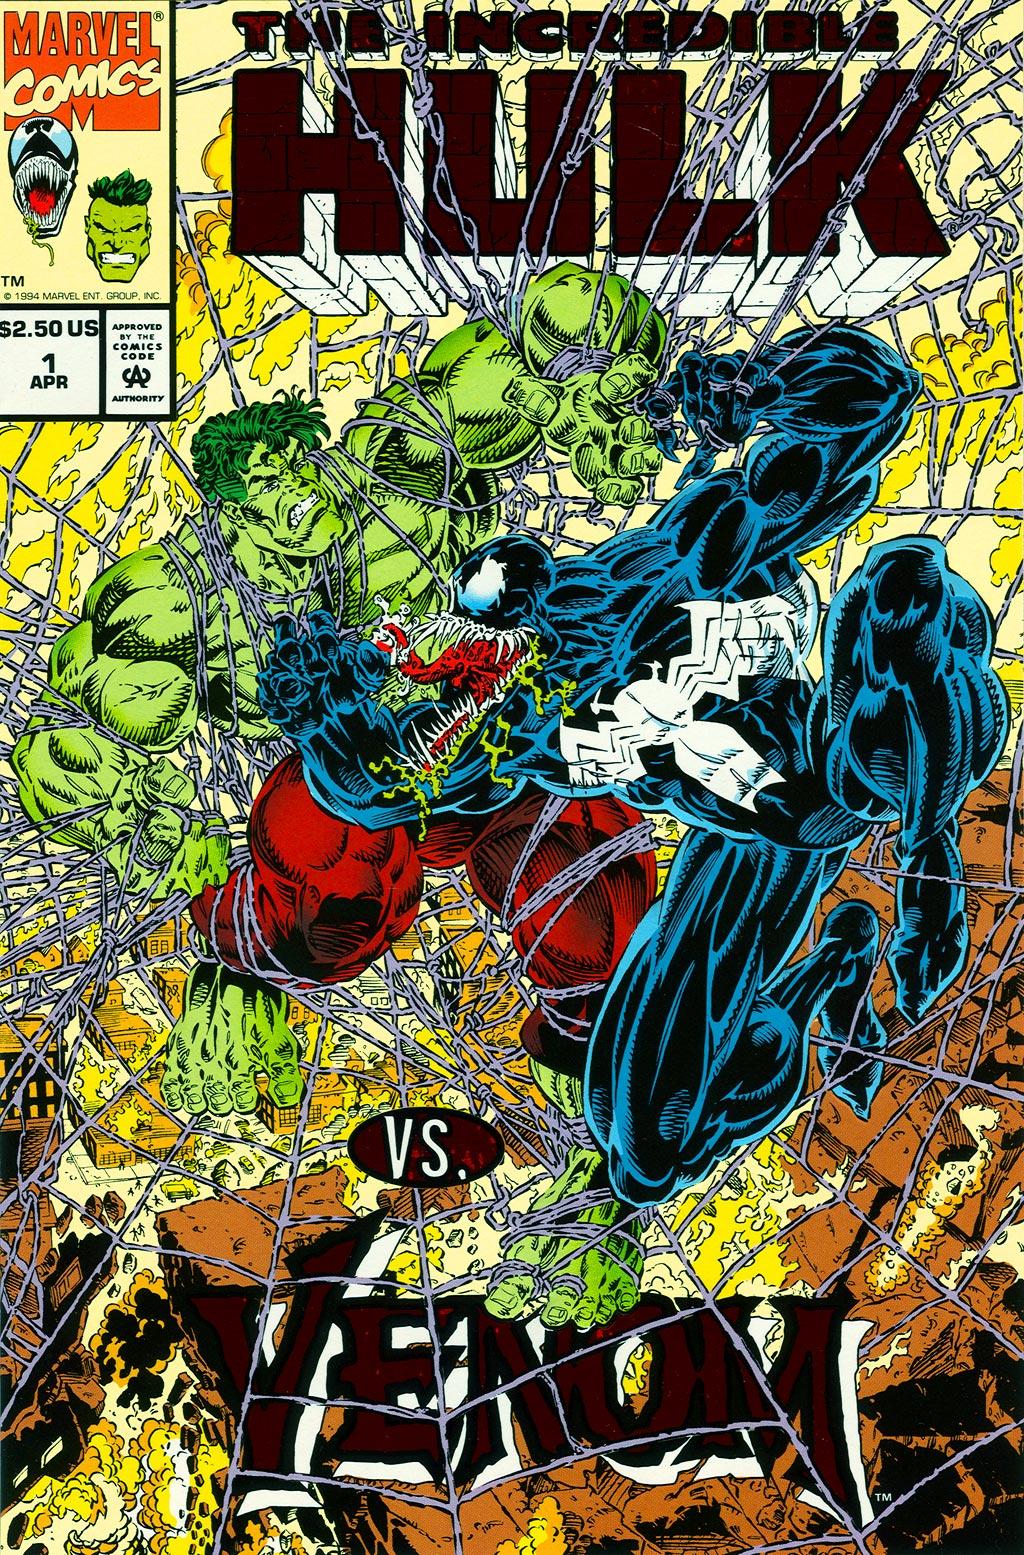 The Incredible Hulk vs. Venom Full Page 1